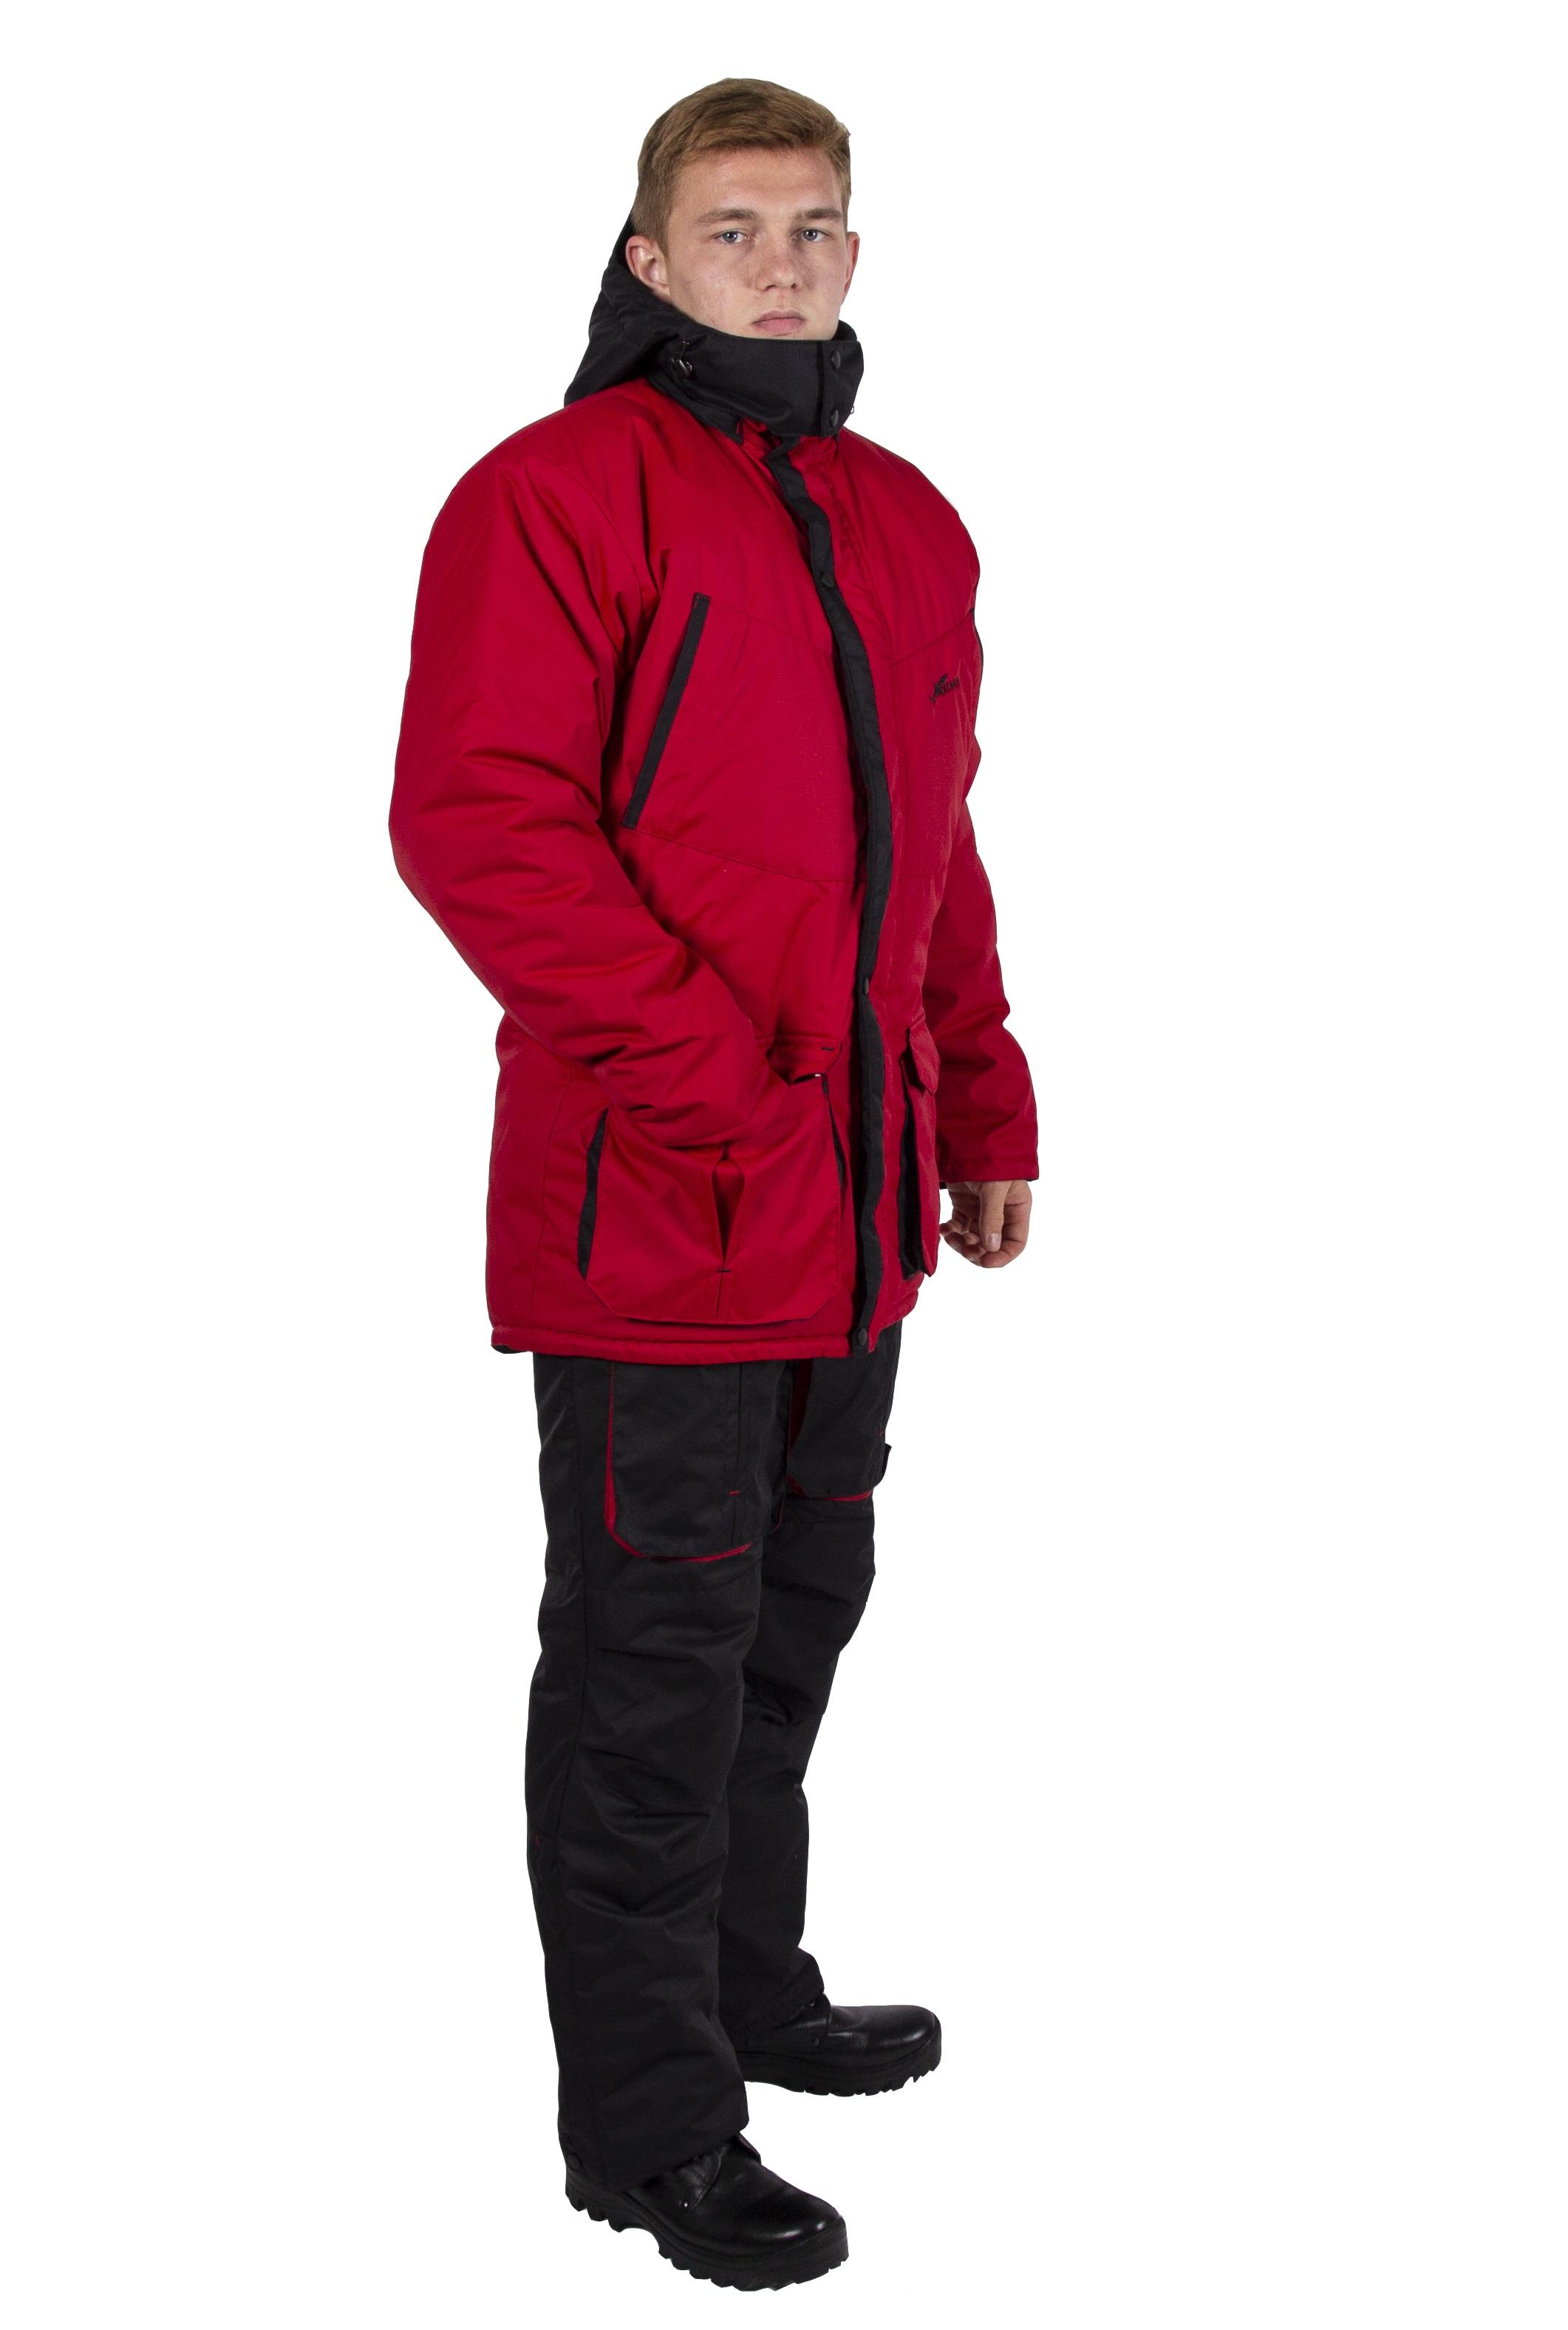 Зимний костюм для охоты и рыбалки KATRAN Берген -40C Таслан Красный, 56-58/170-176 фото